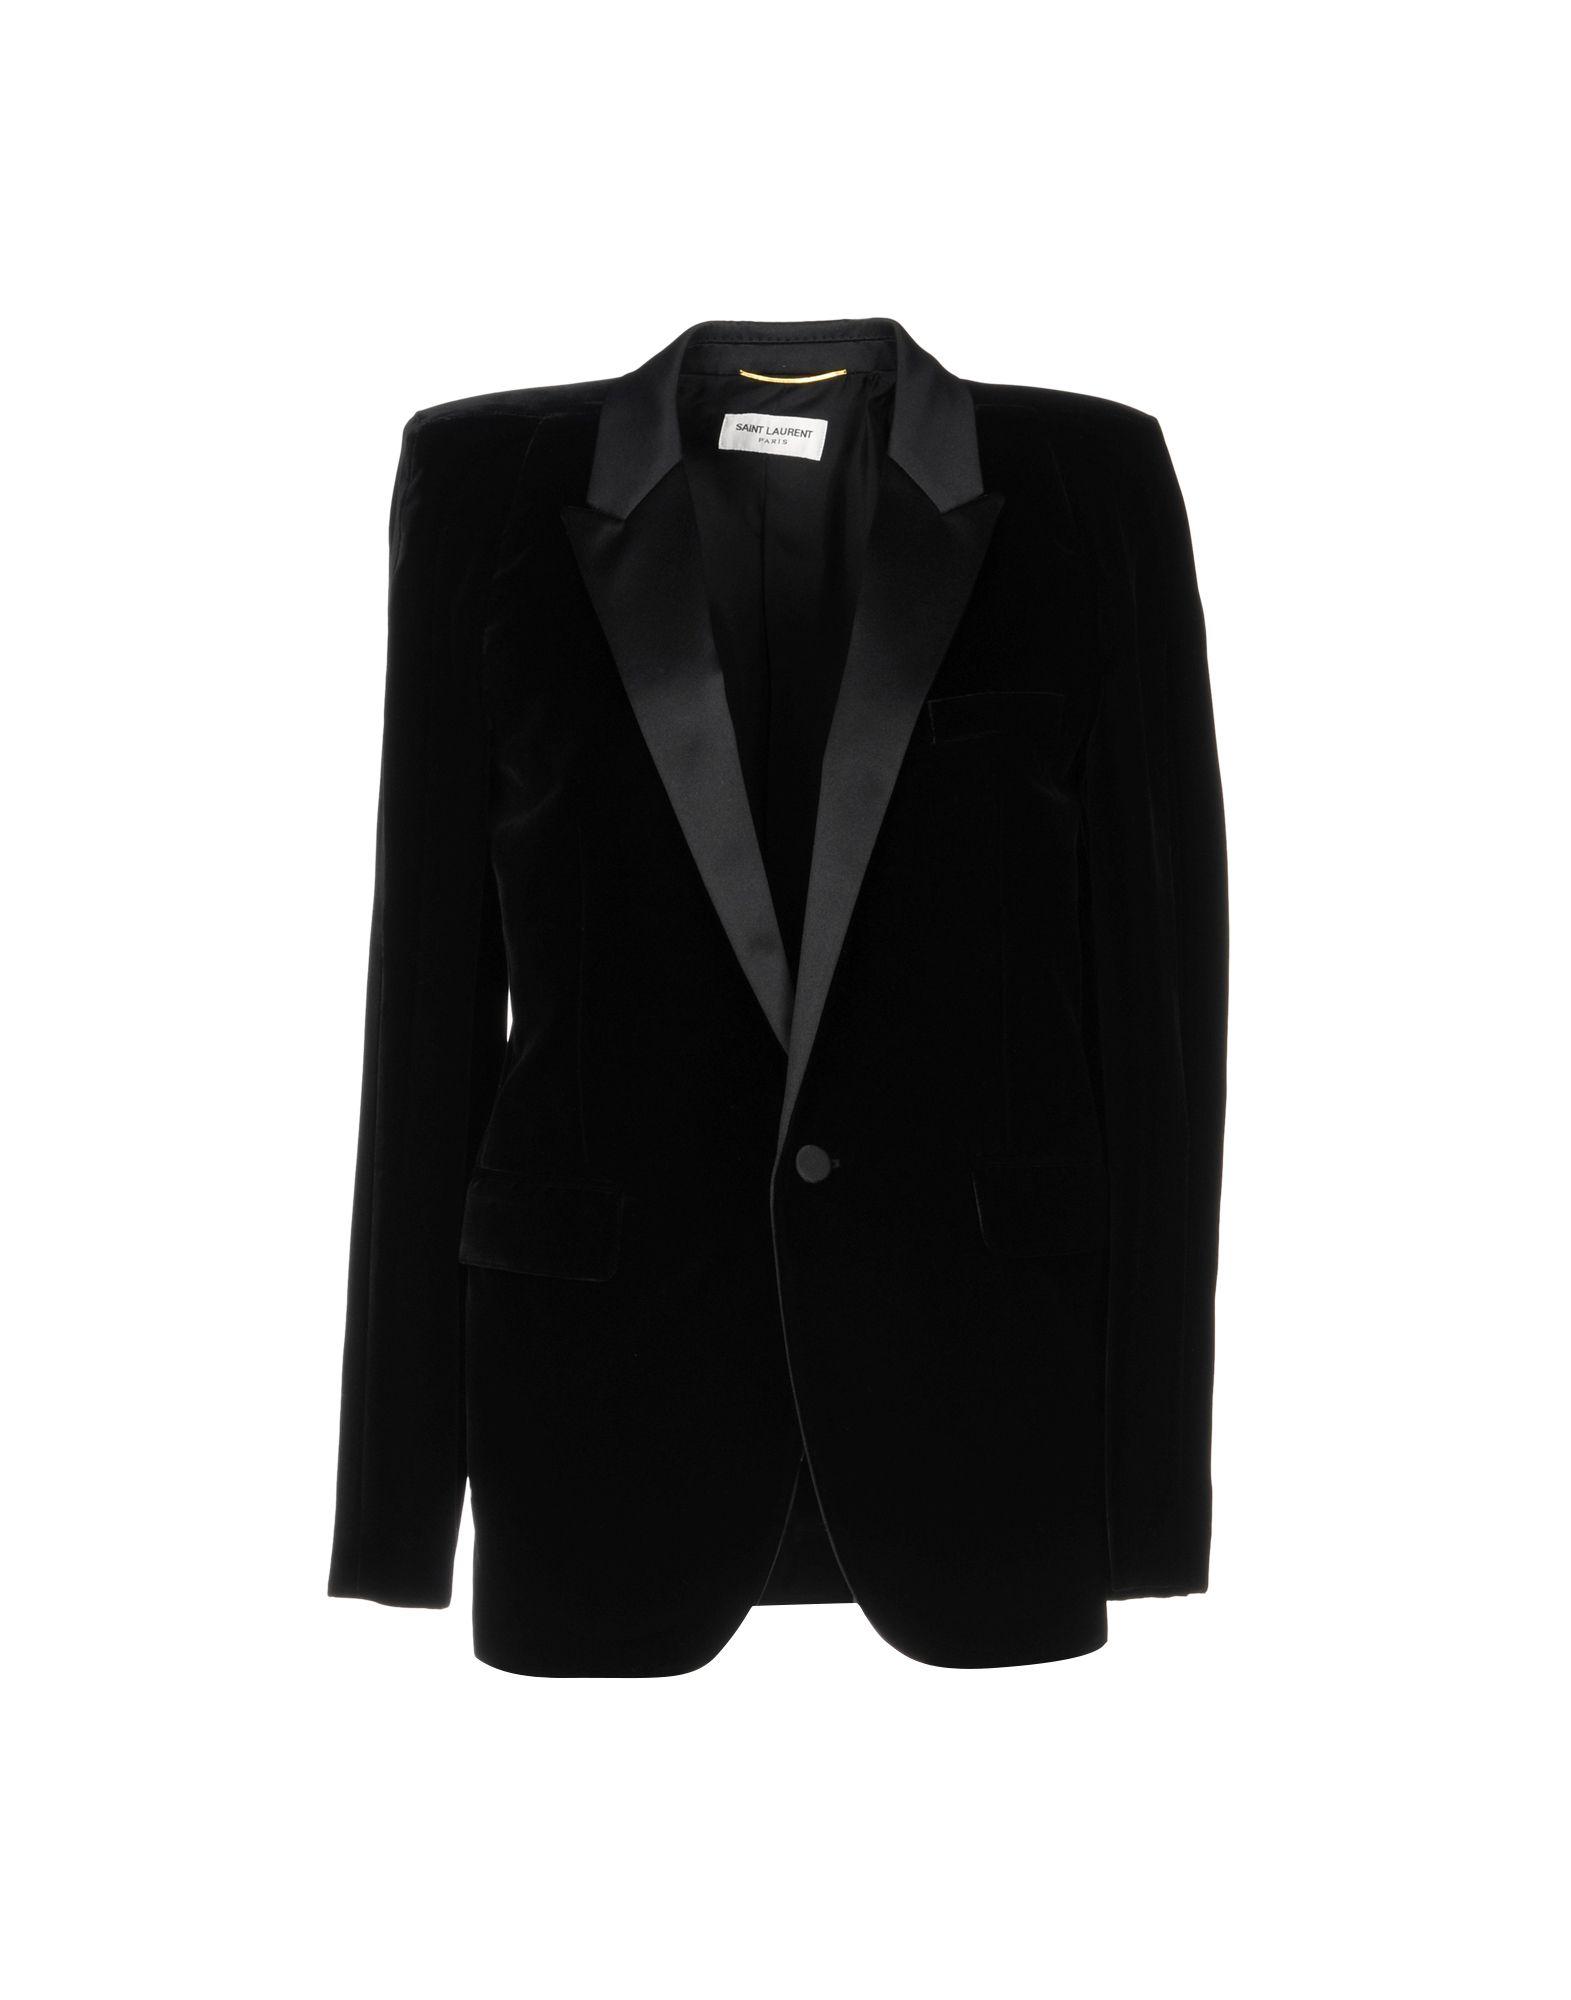 velvet, no appliqués, basic solid color, multipockets, single chest pocket, 1 button, lapel collar,